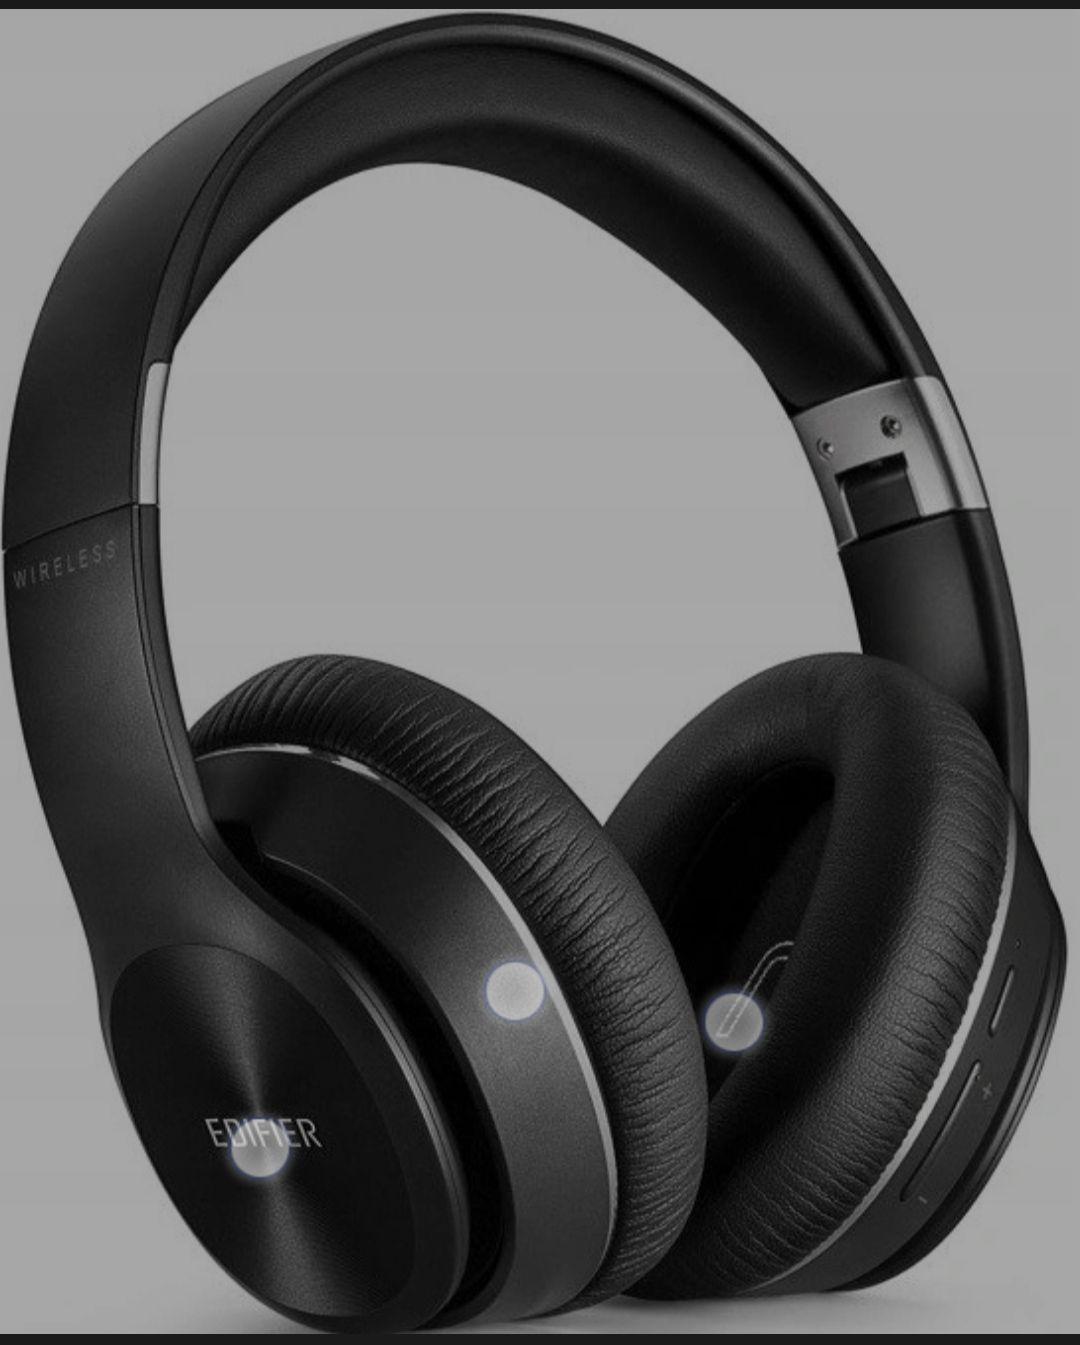 Słuchawki EDIFIER W820BT Bezprzewodowe. Allegro. Nautilius2, Zakup z aplikacji mobilnej + monety